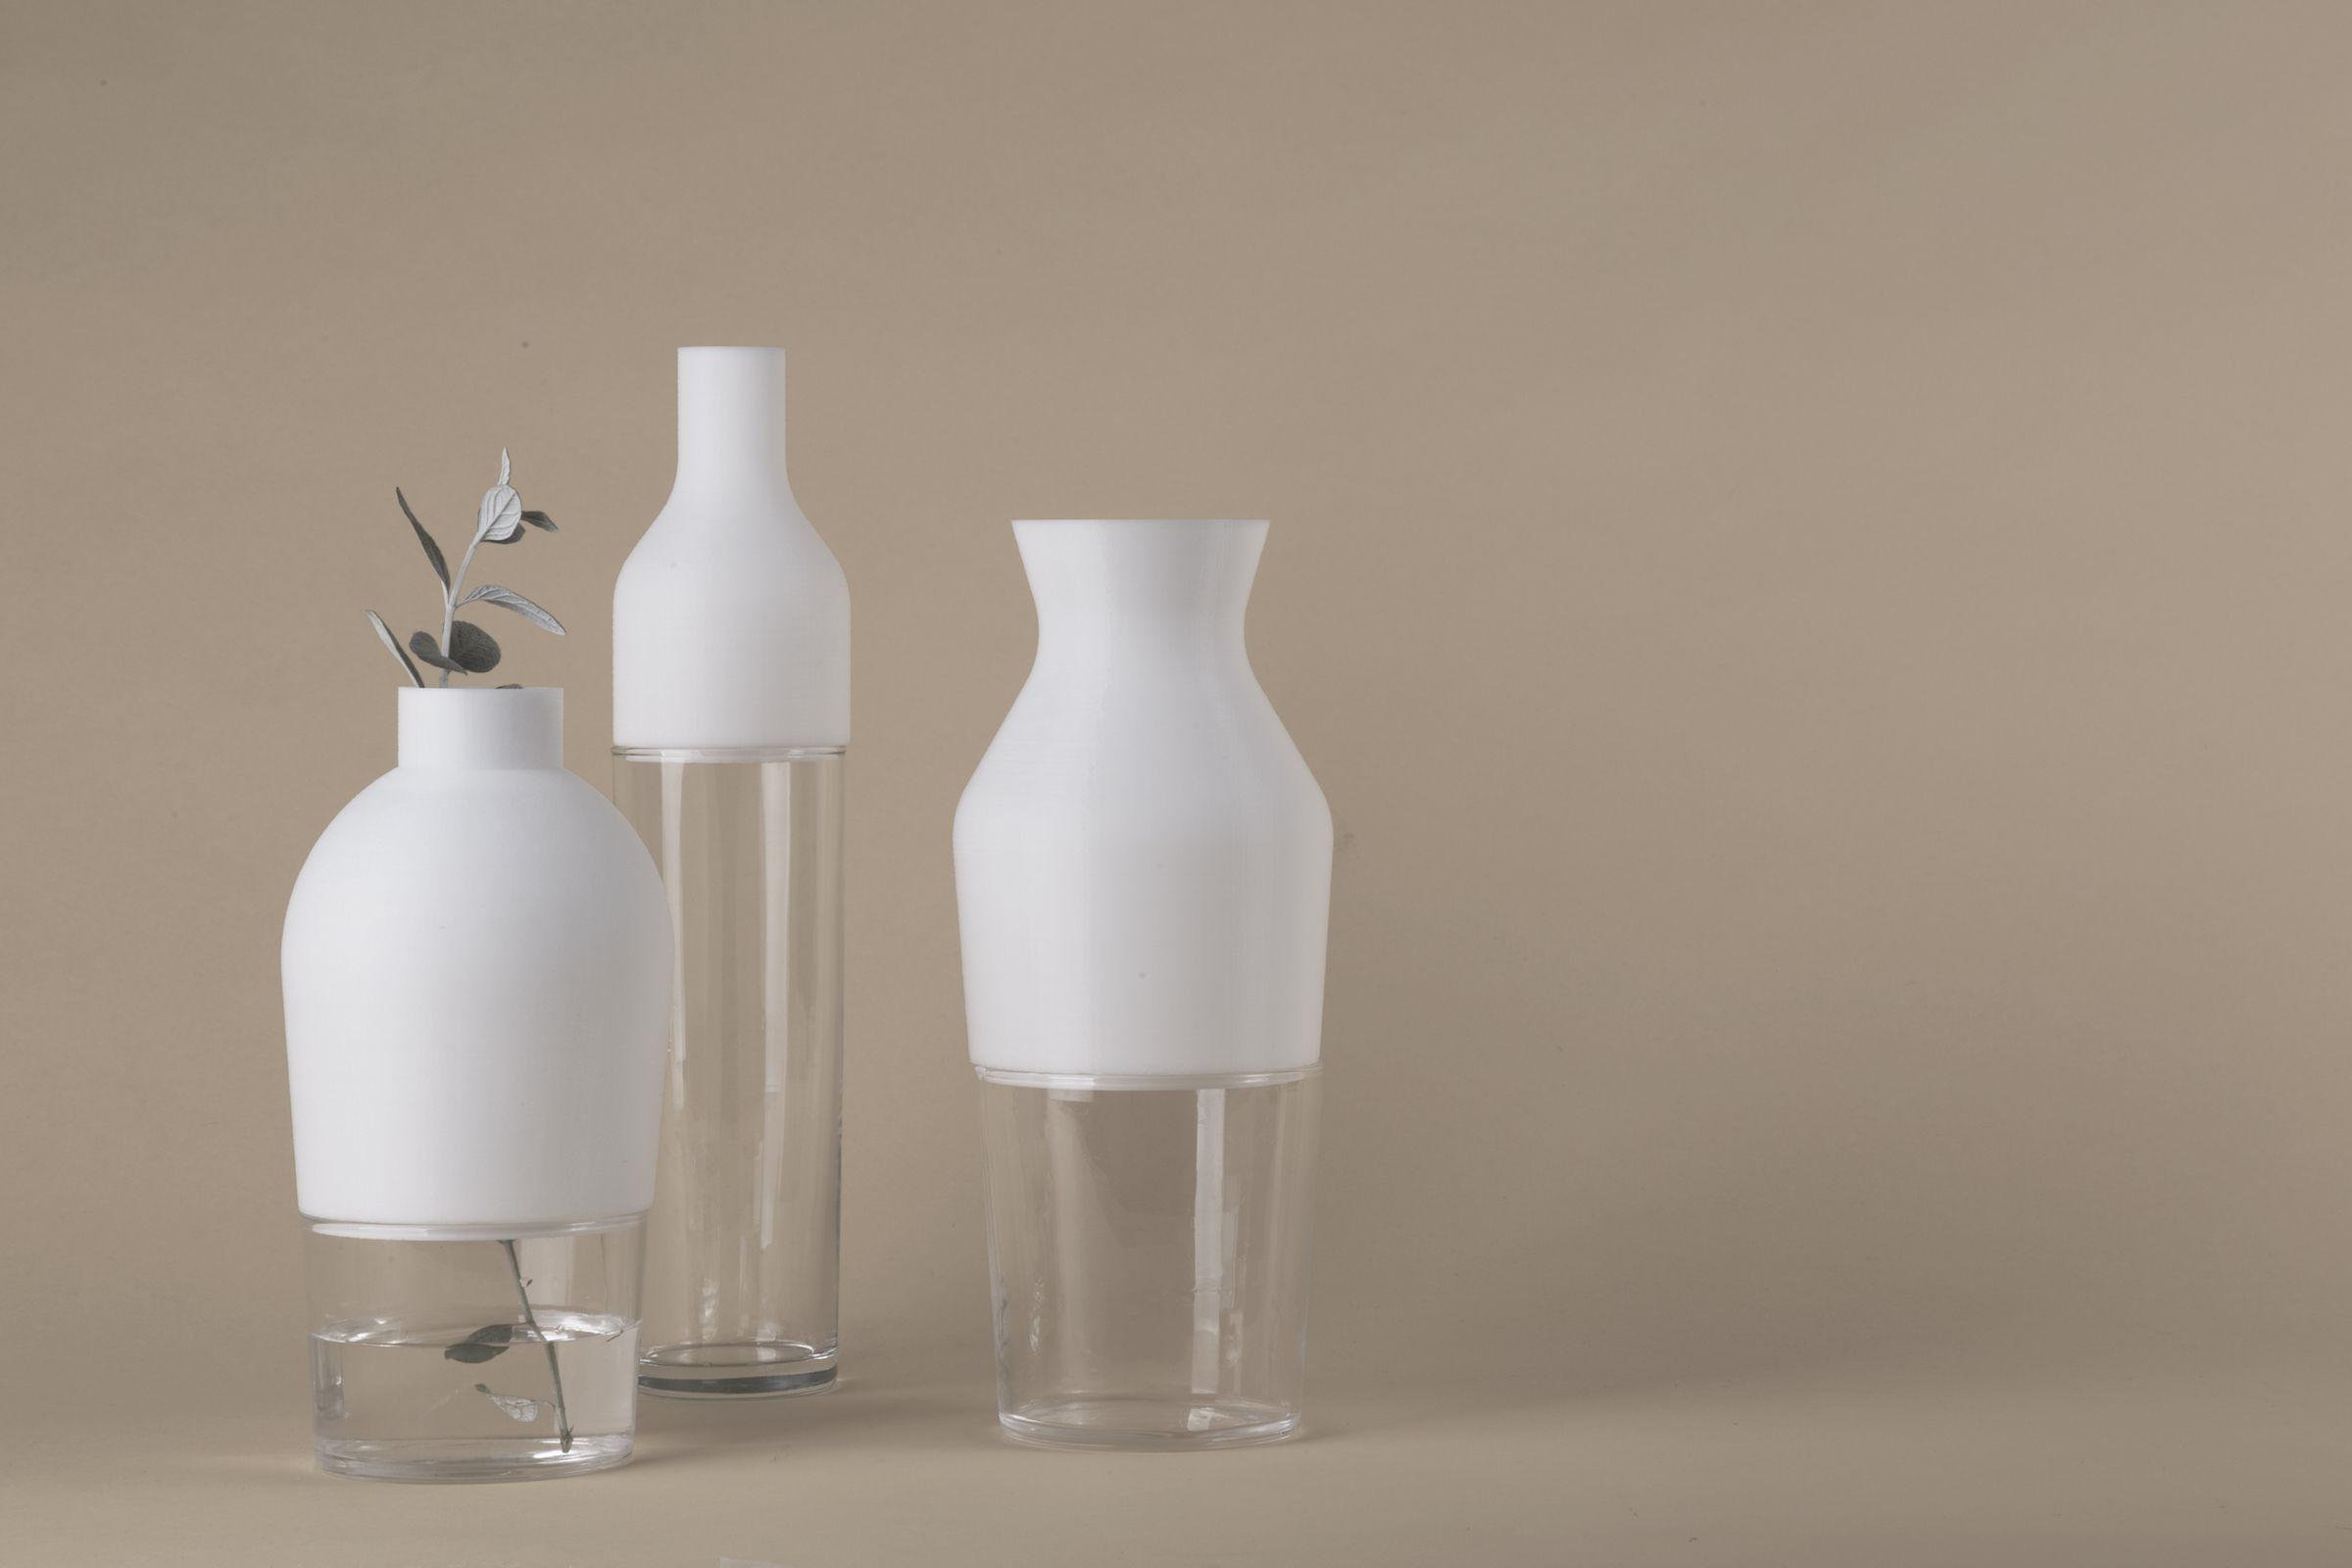 Jarrones Duo, de Teresa Castillo, alumna del Máster en Diseño de Producto de la CEU UCH.